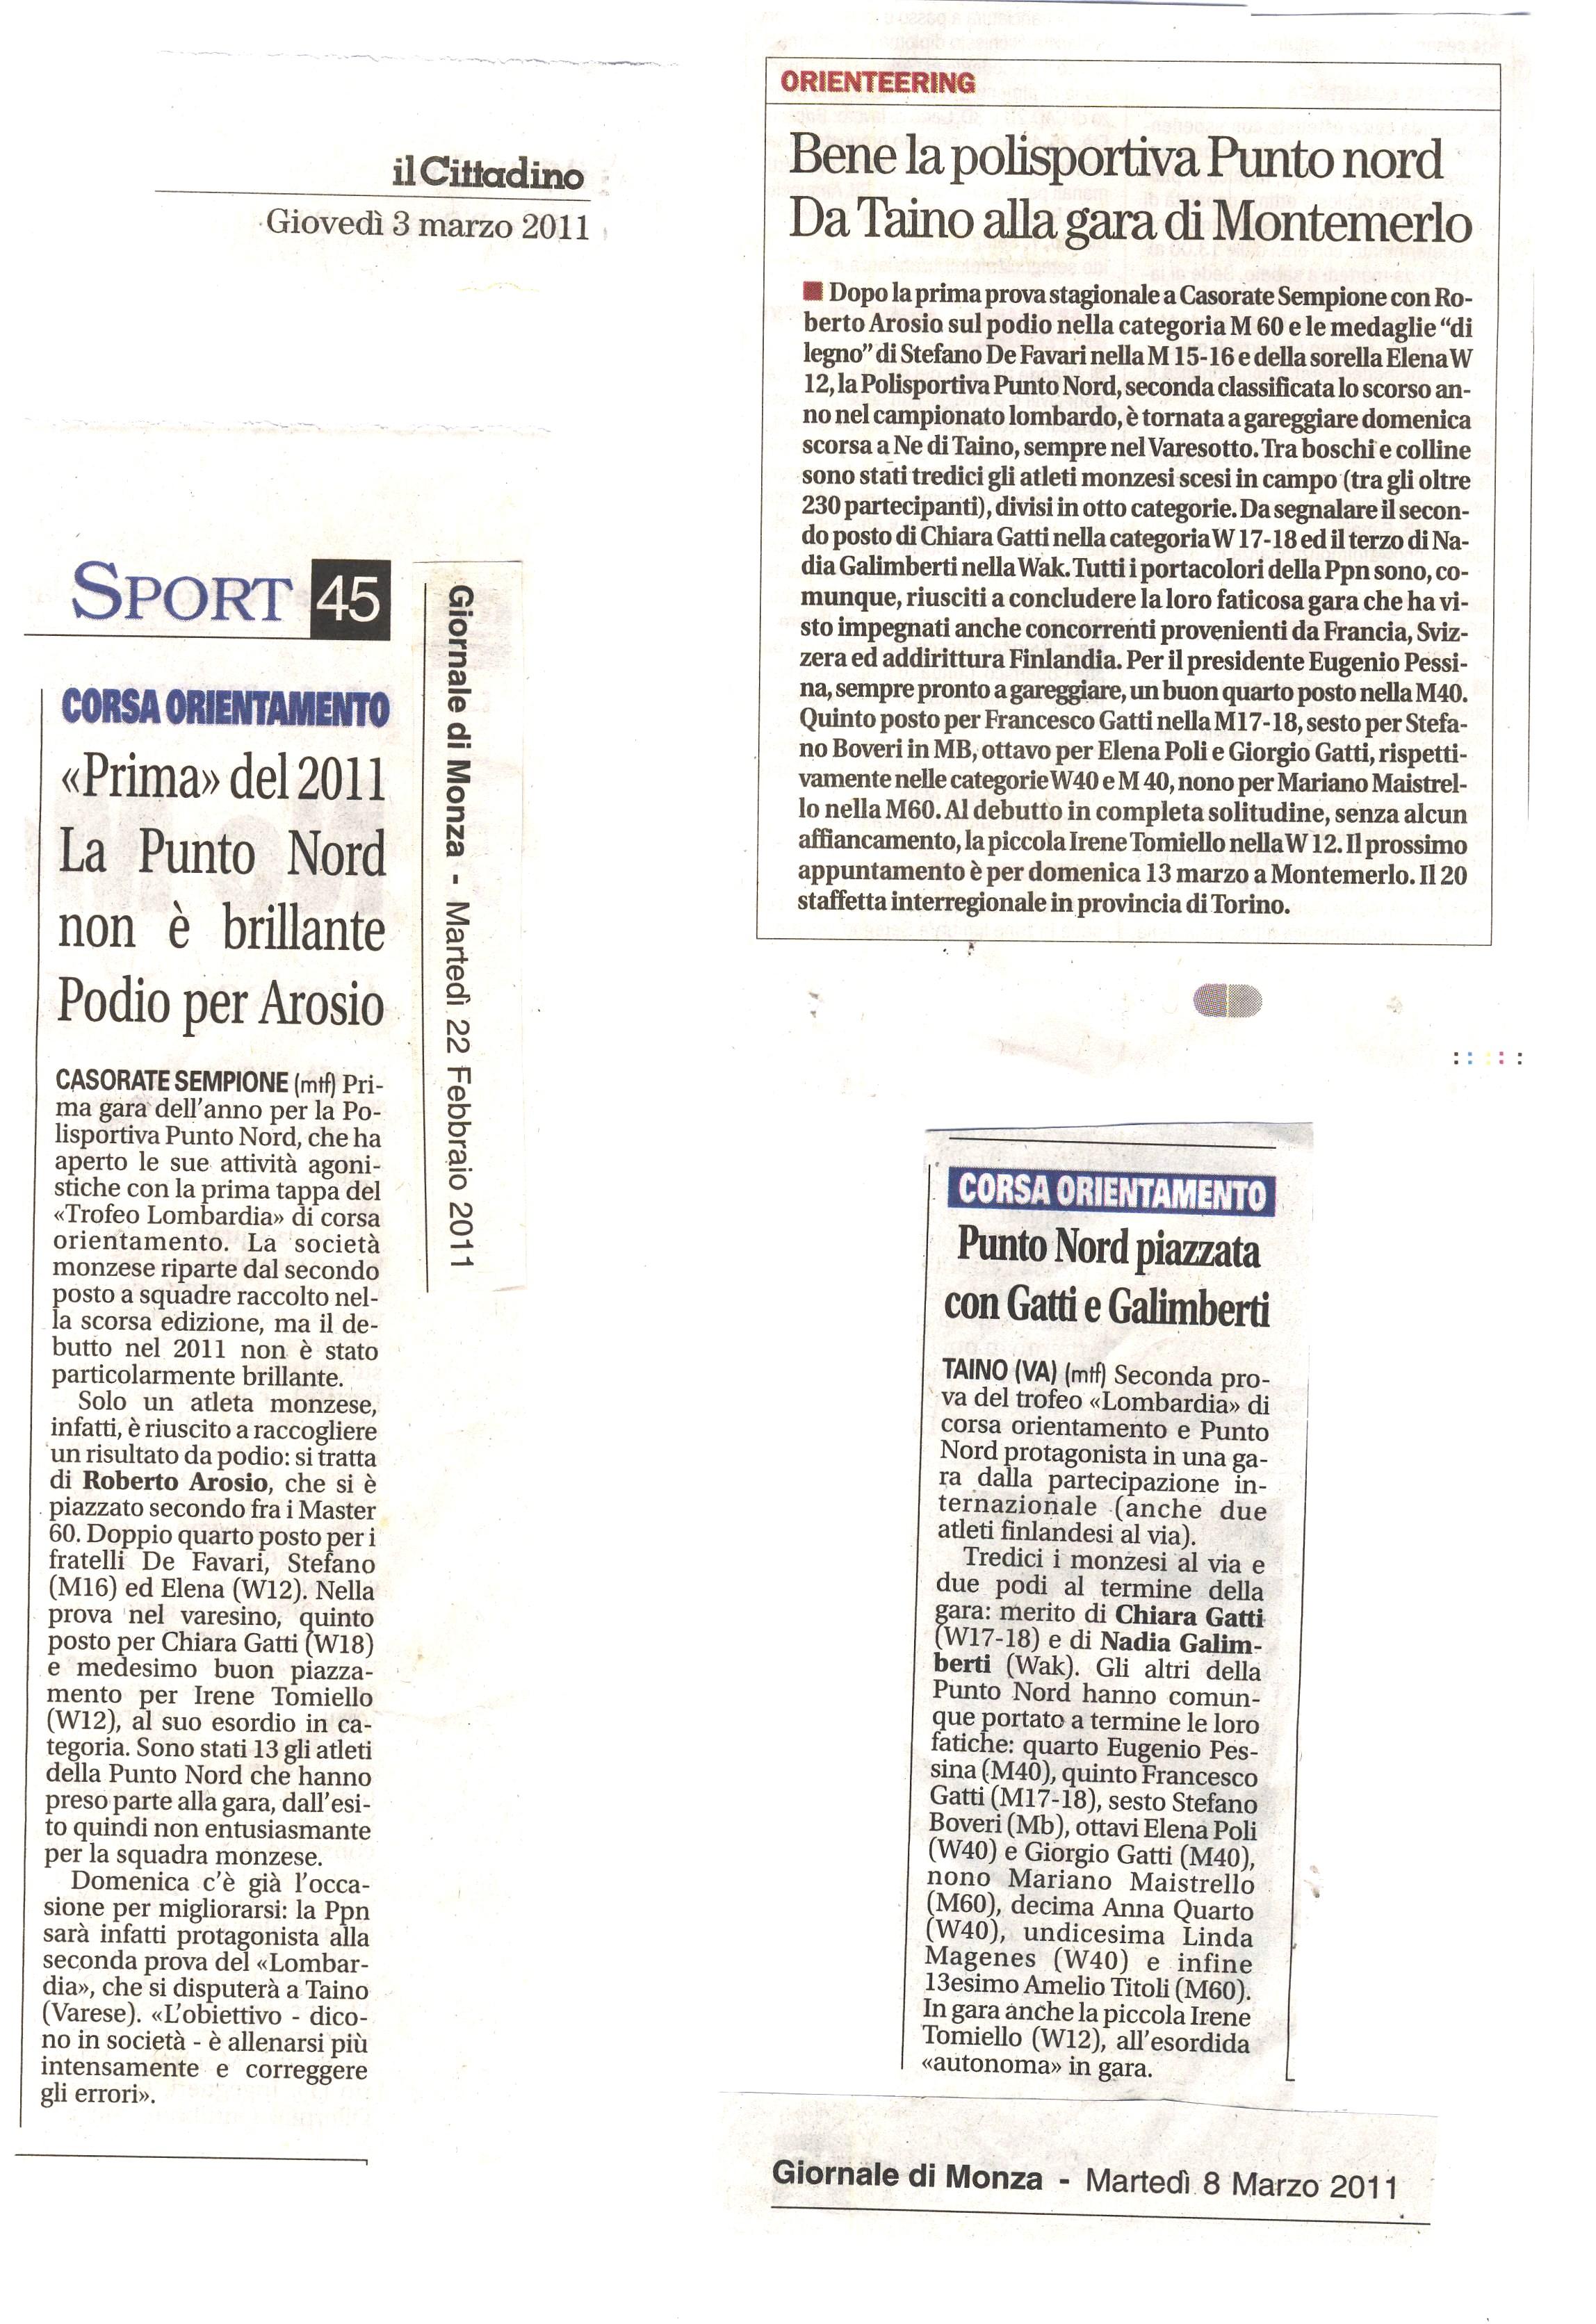 rassegna stampa marzo 2011